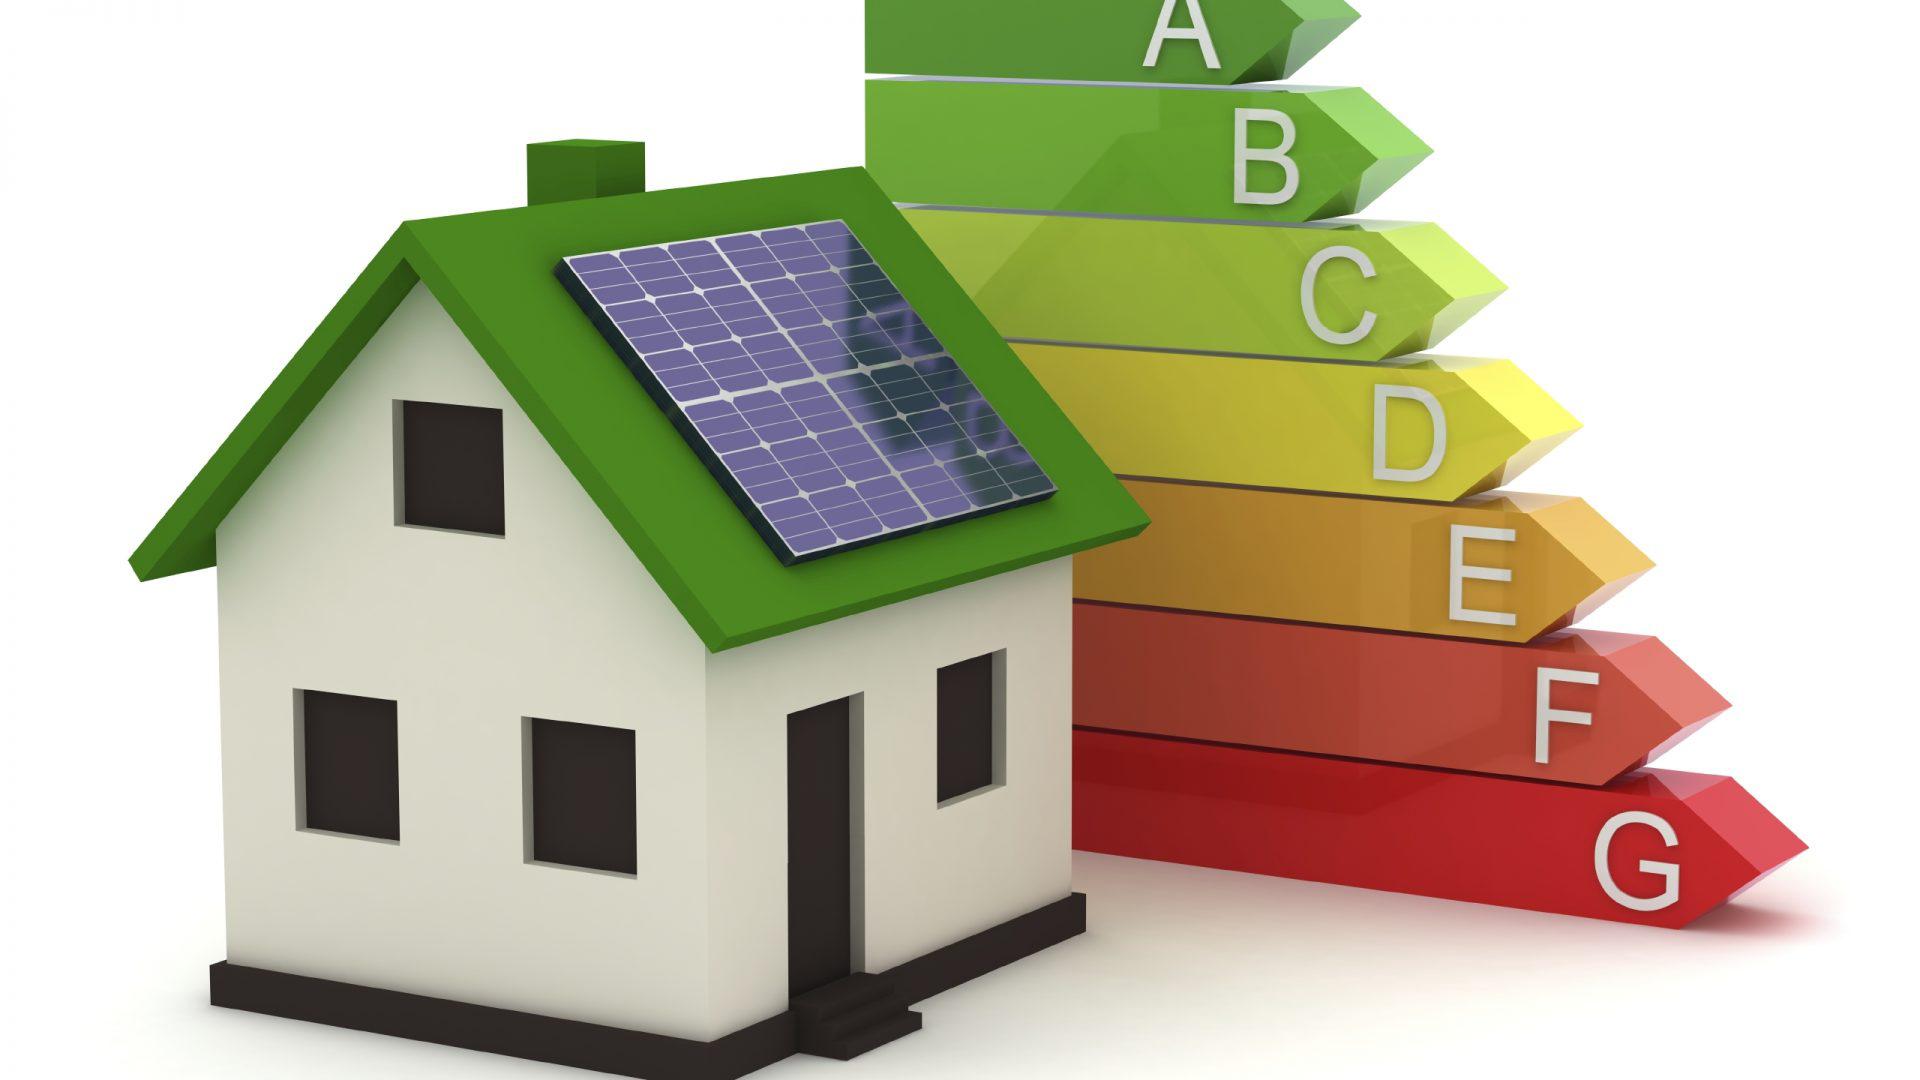 Casa com telhado verde e painel solar, com símbolo de cores do certificado energético